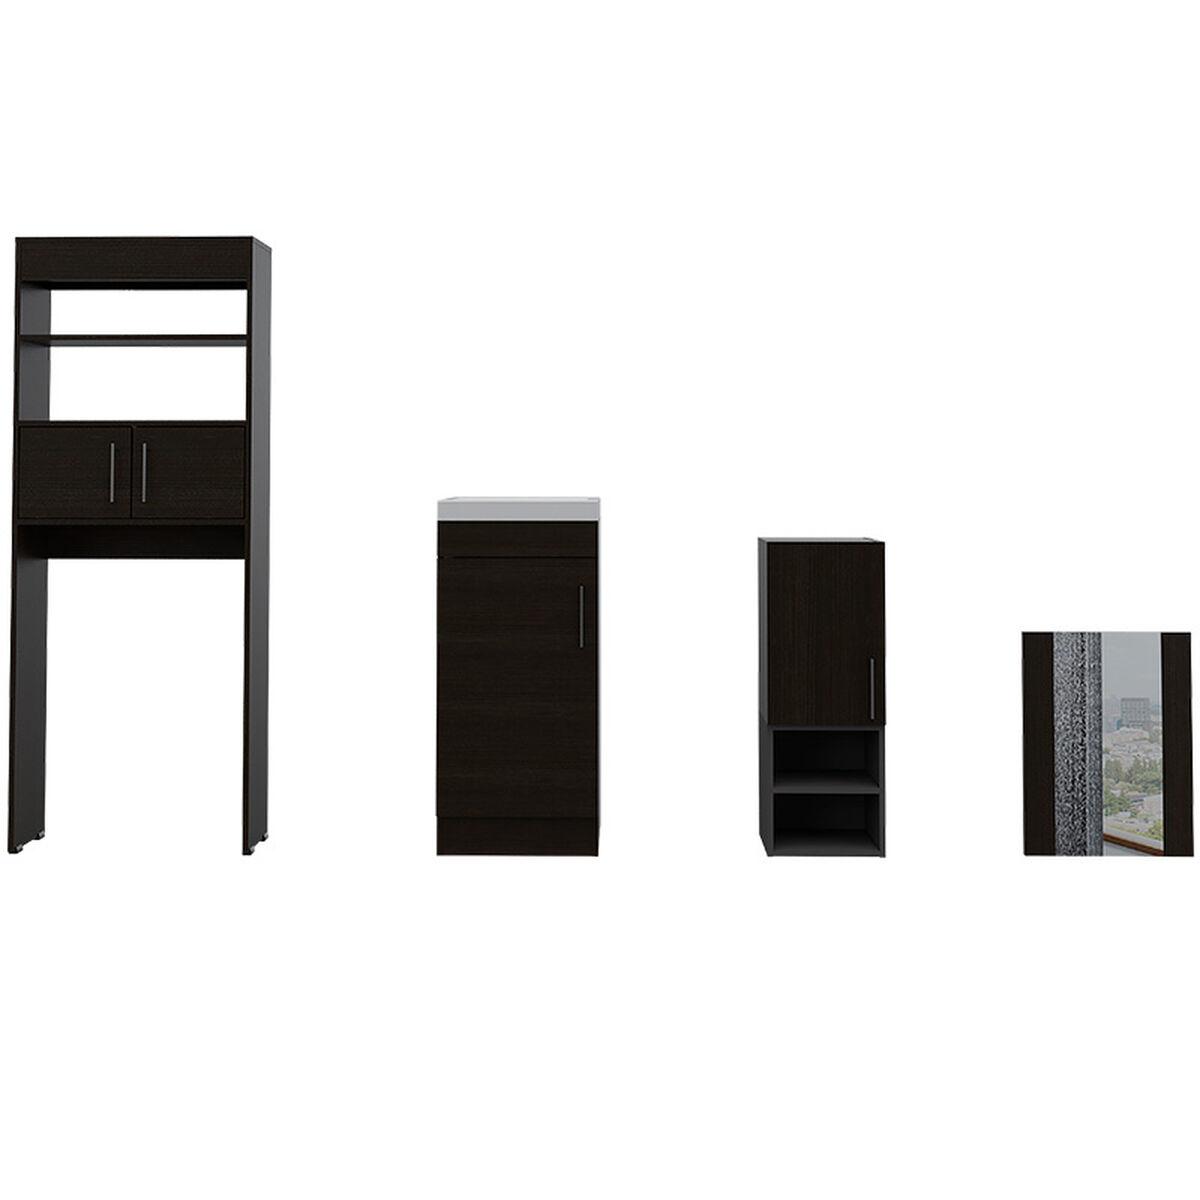 Set Muebles Ahorrador + Auxiliar + Lavamanos + Espejo Flotante